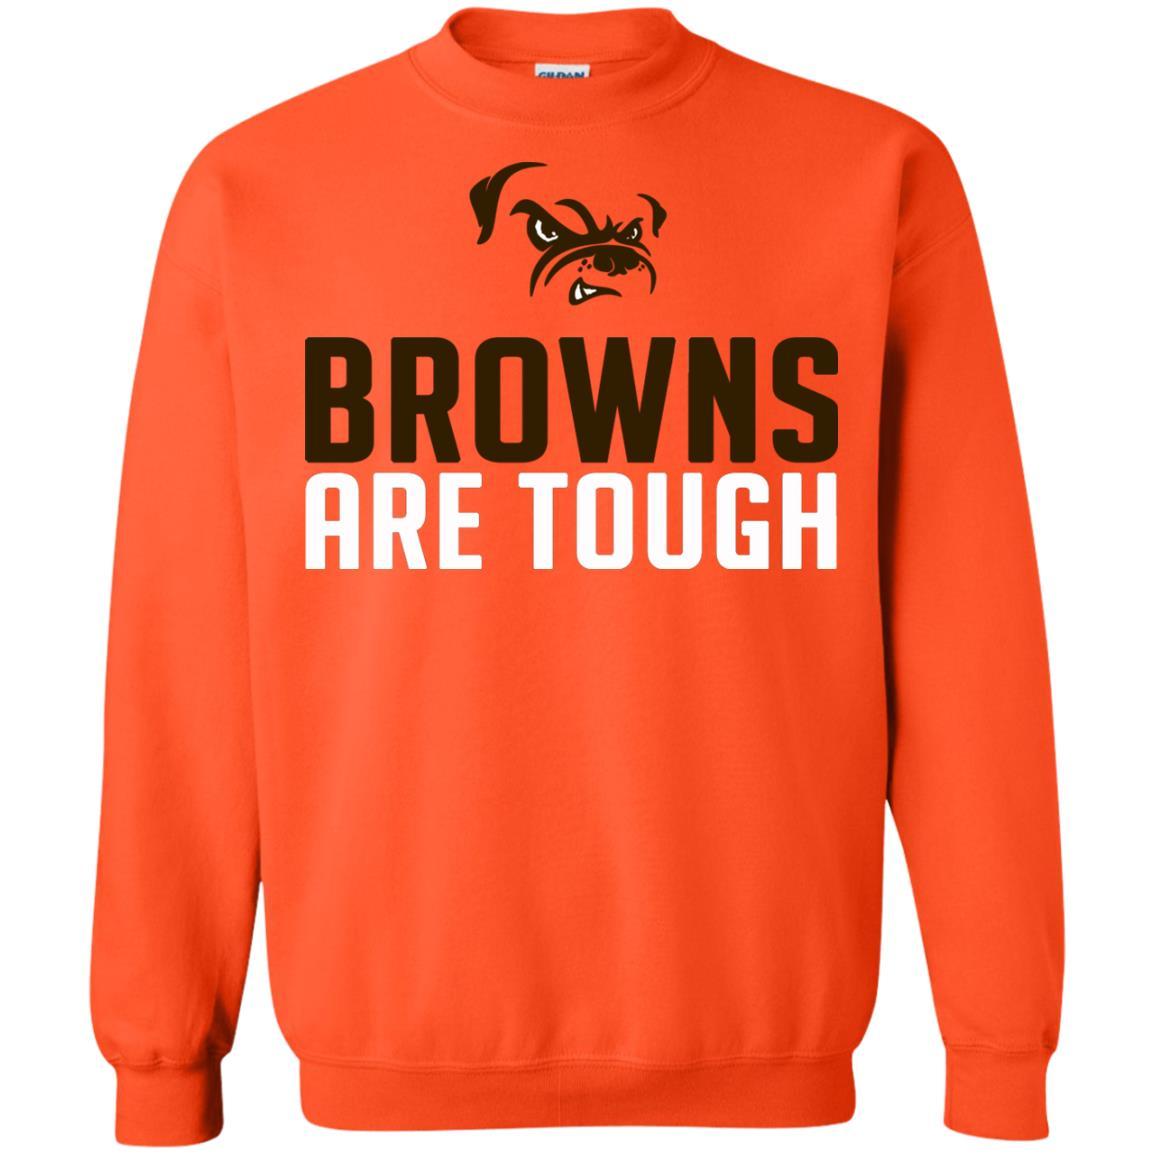 image 2484 - Cleveland Joe Thomas Browns are tough shirt